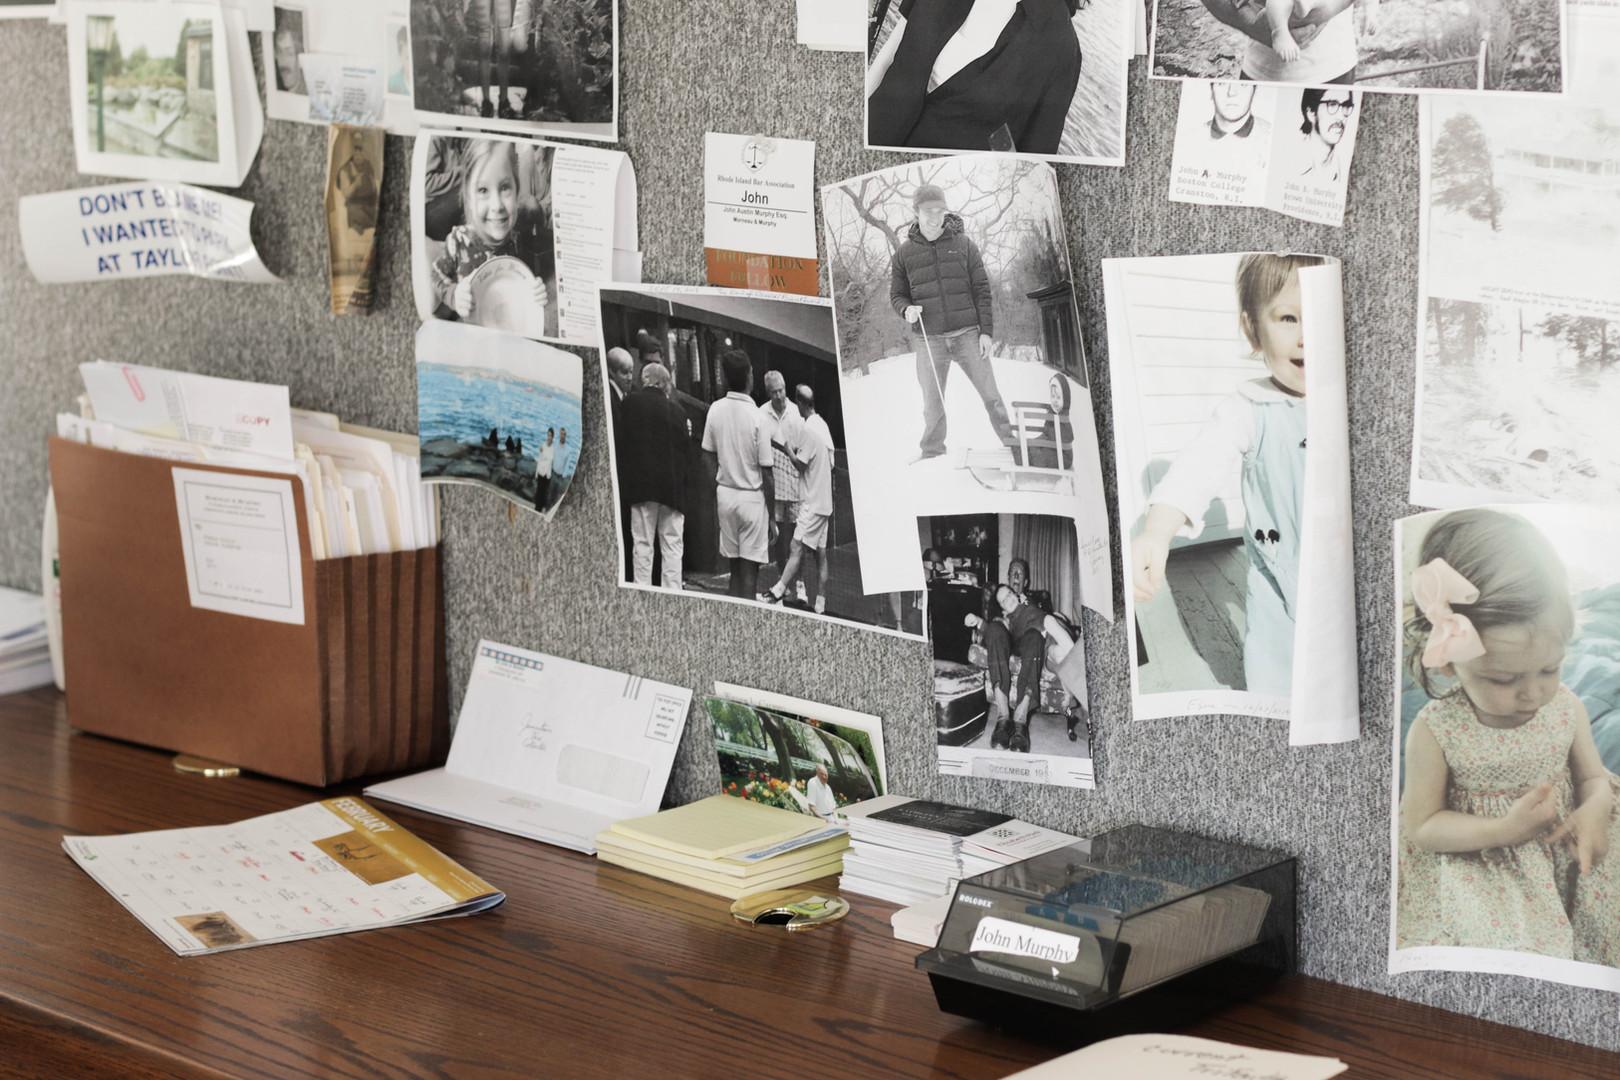 Table Of John A. Murphy at Morneau & Murphy Office, Jamestown Rhode Island